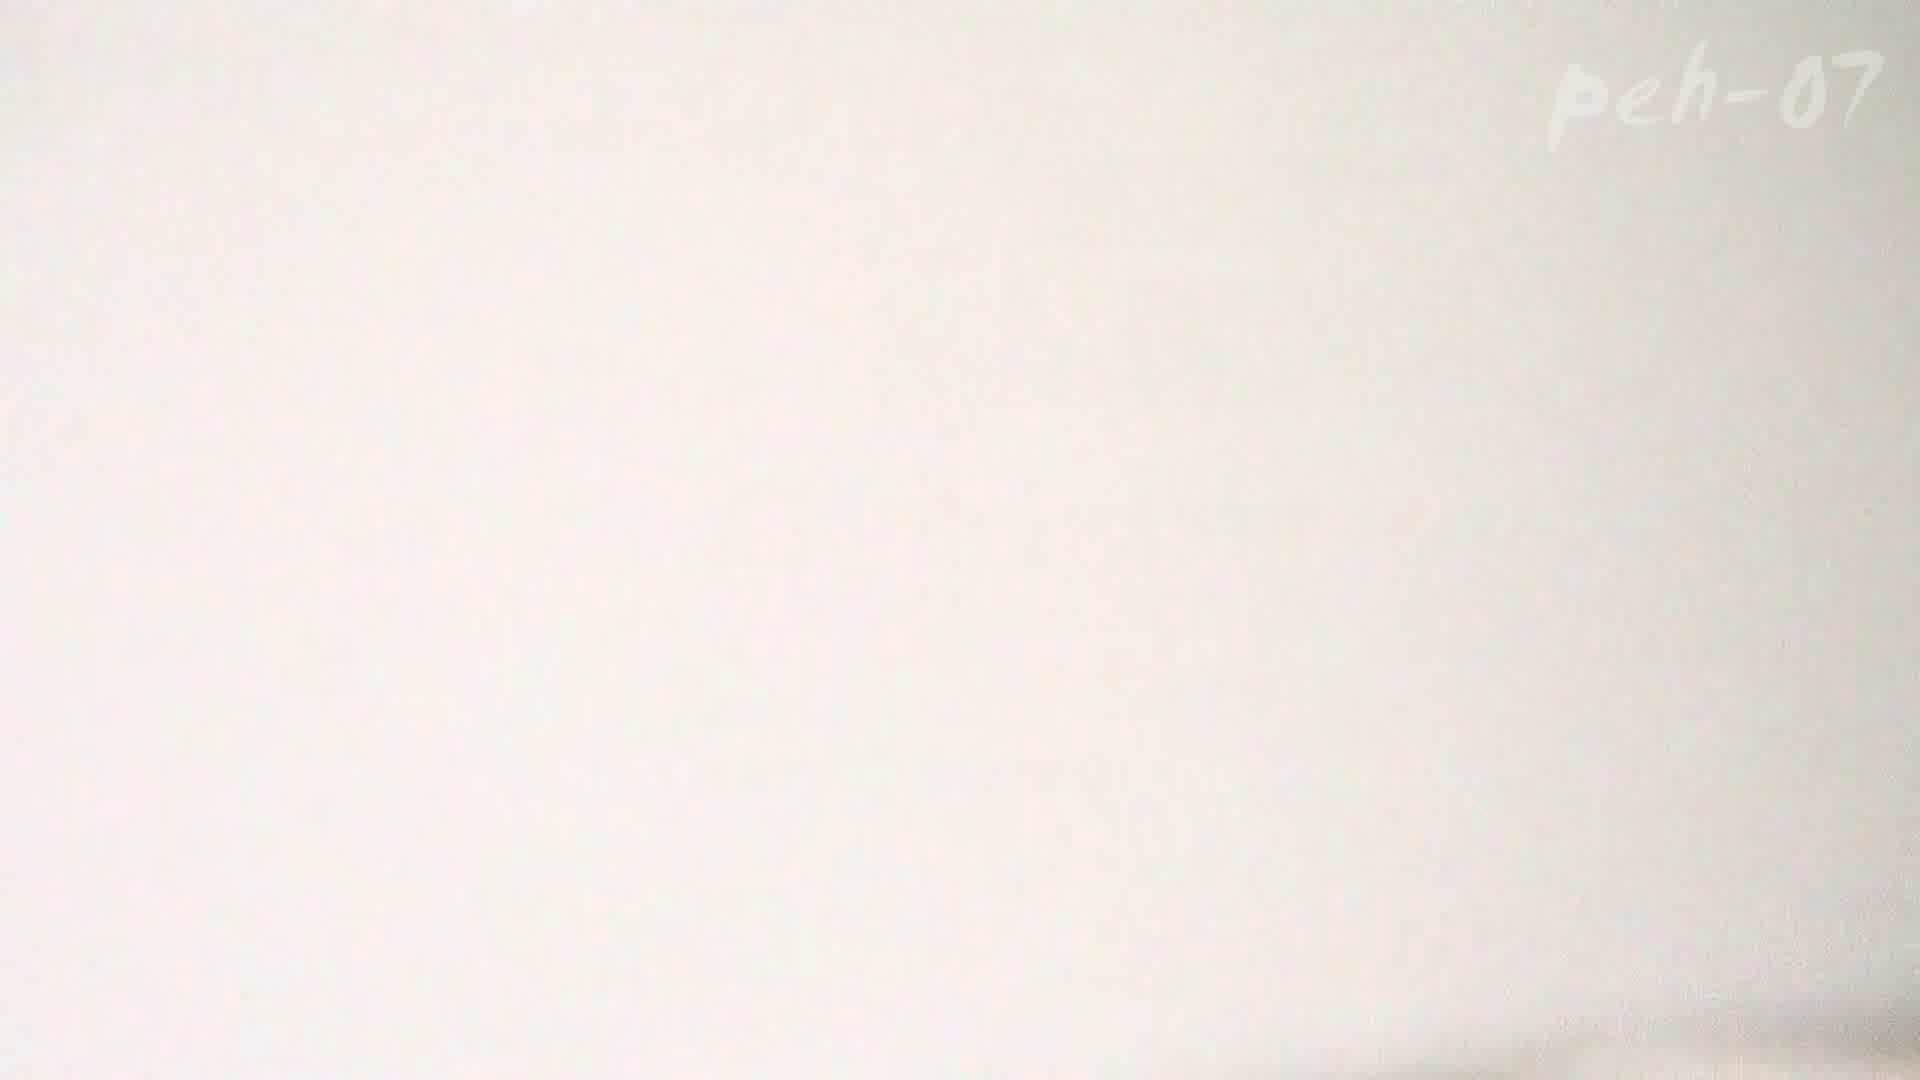 ※100個限定販売 至高下半身盗撮 プレミアム Vol.7 ハイビジョン 盗撮編  99枚 76